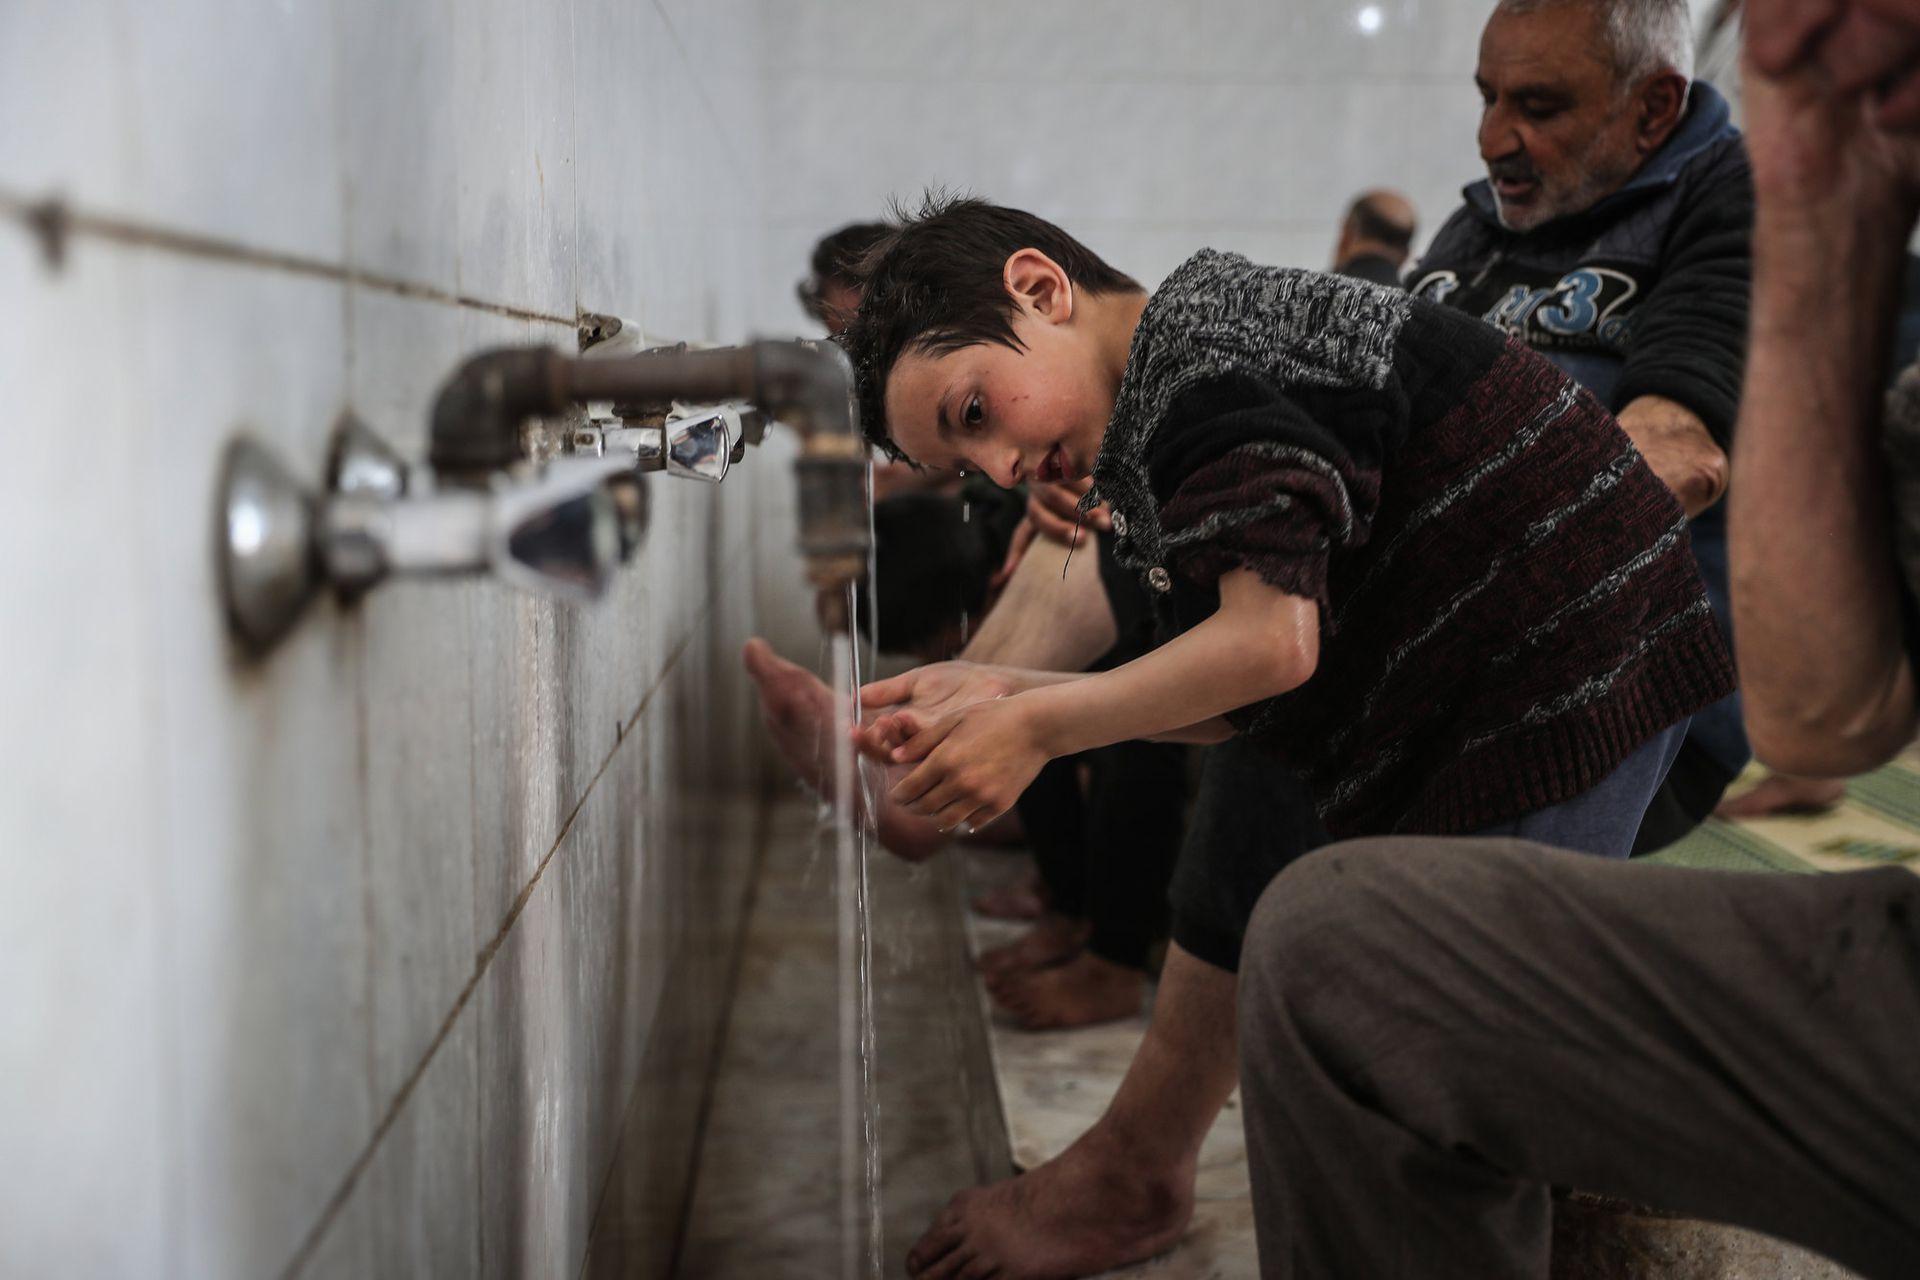 Musulmanes sirios realizan el ritual de limpieza 'Wudu' mientras se preparan para leer el Corán y rezar en la mezquita de la ciudad de Maarrat Misrin